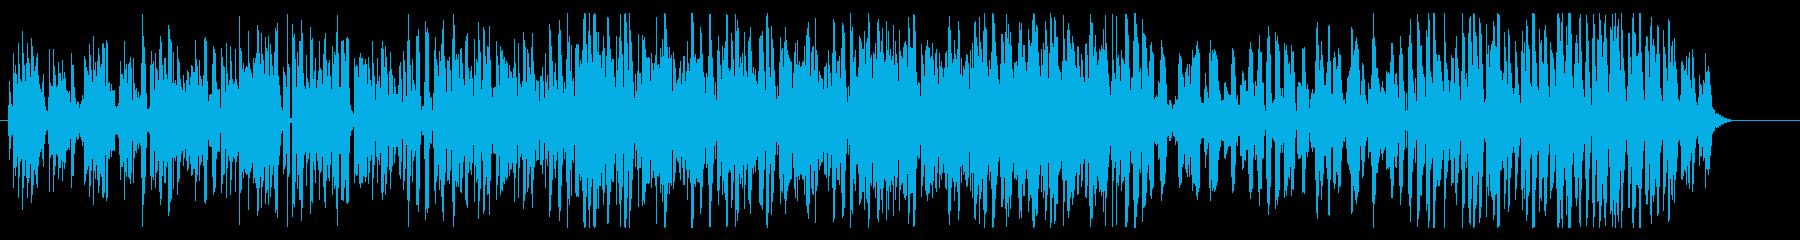 心がふわんふわんする のびのびBGMの再生済みの波形